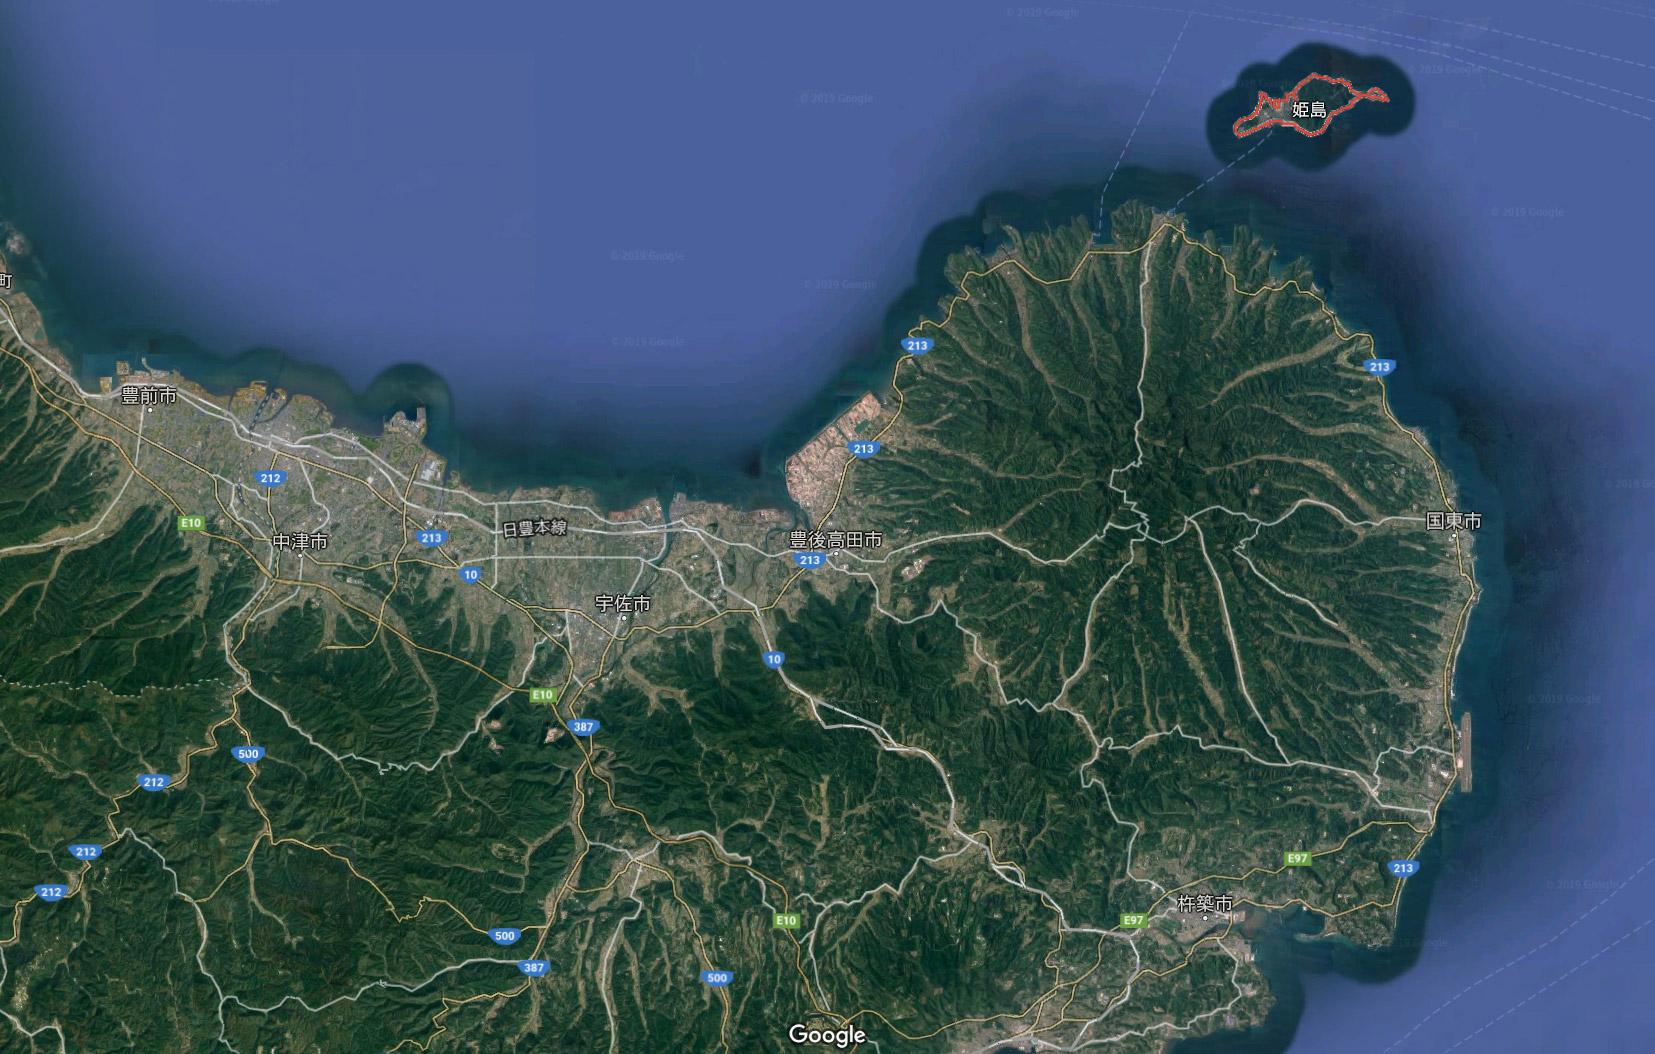 大分県 姫島村 (国東 半島)にIT企業のサテライトオフィス(リモートワーク)があった。